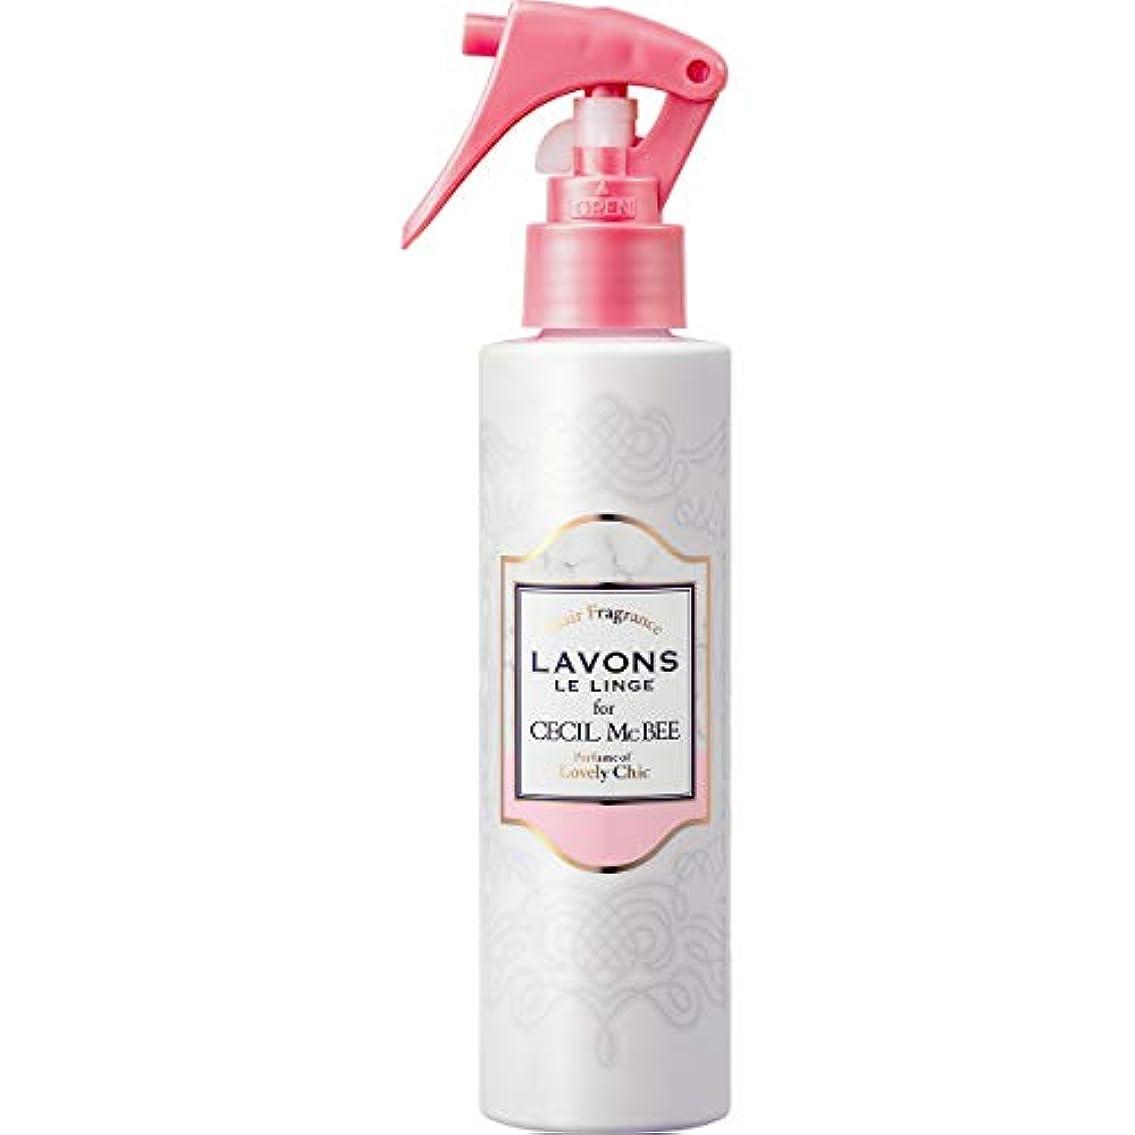 横たわるスカリー条約ラボン for CECIL McBEE ヘアフレグランスミスト ラブリーシックの香り 150ml